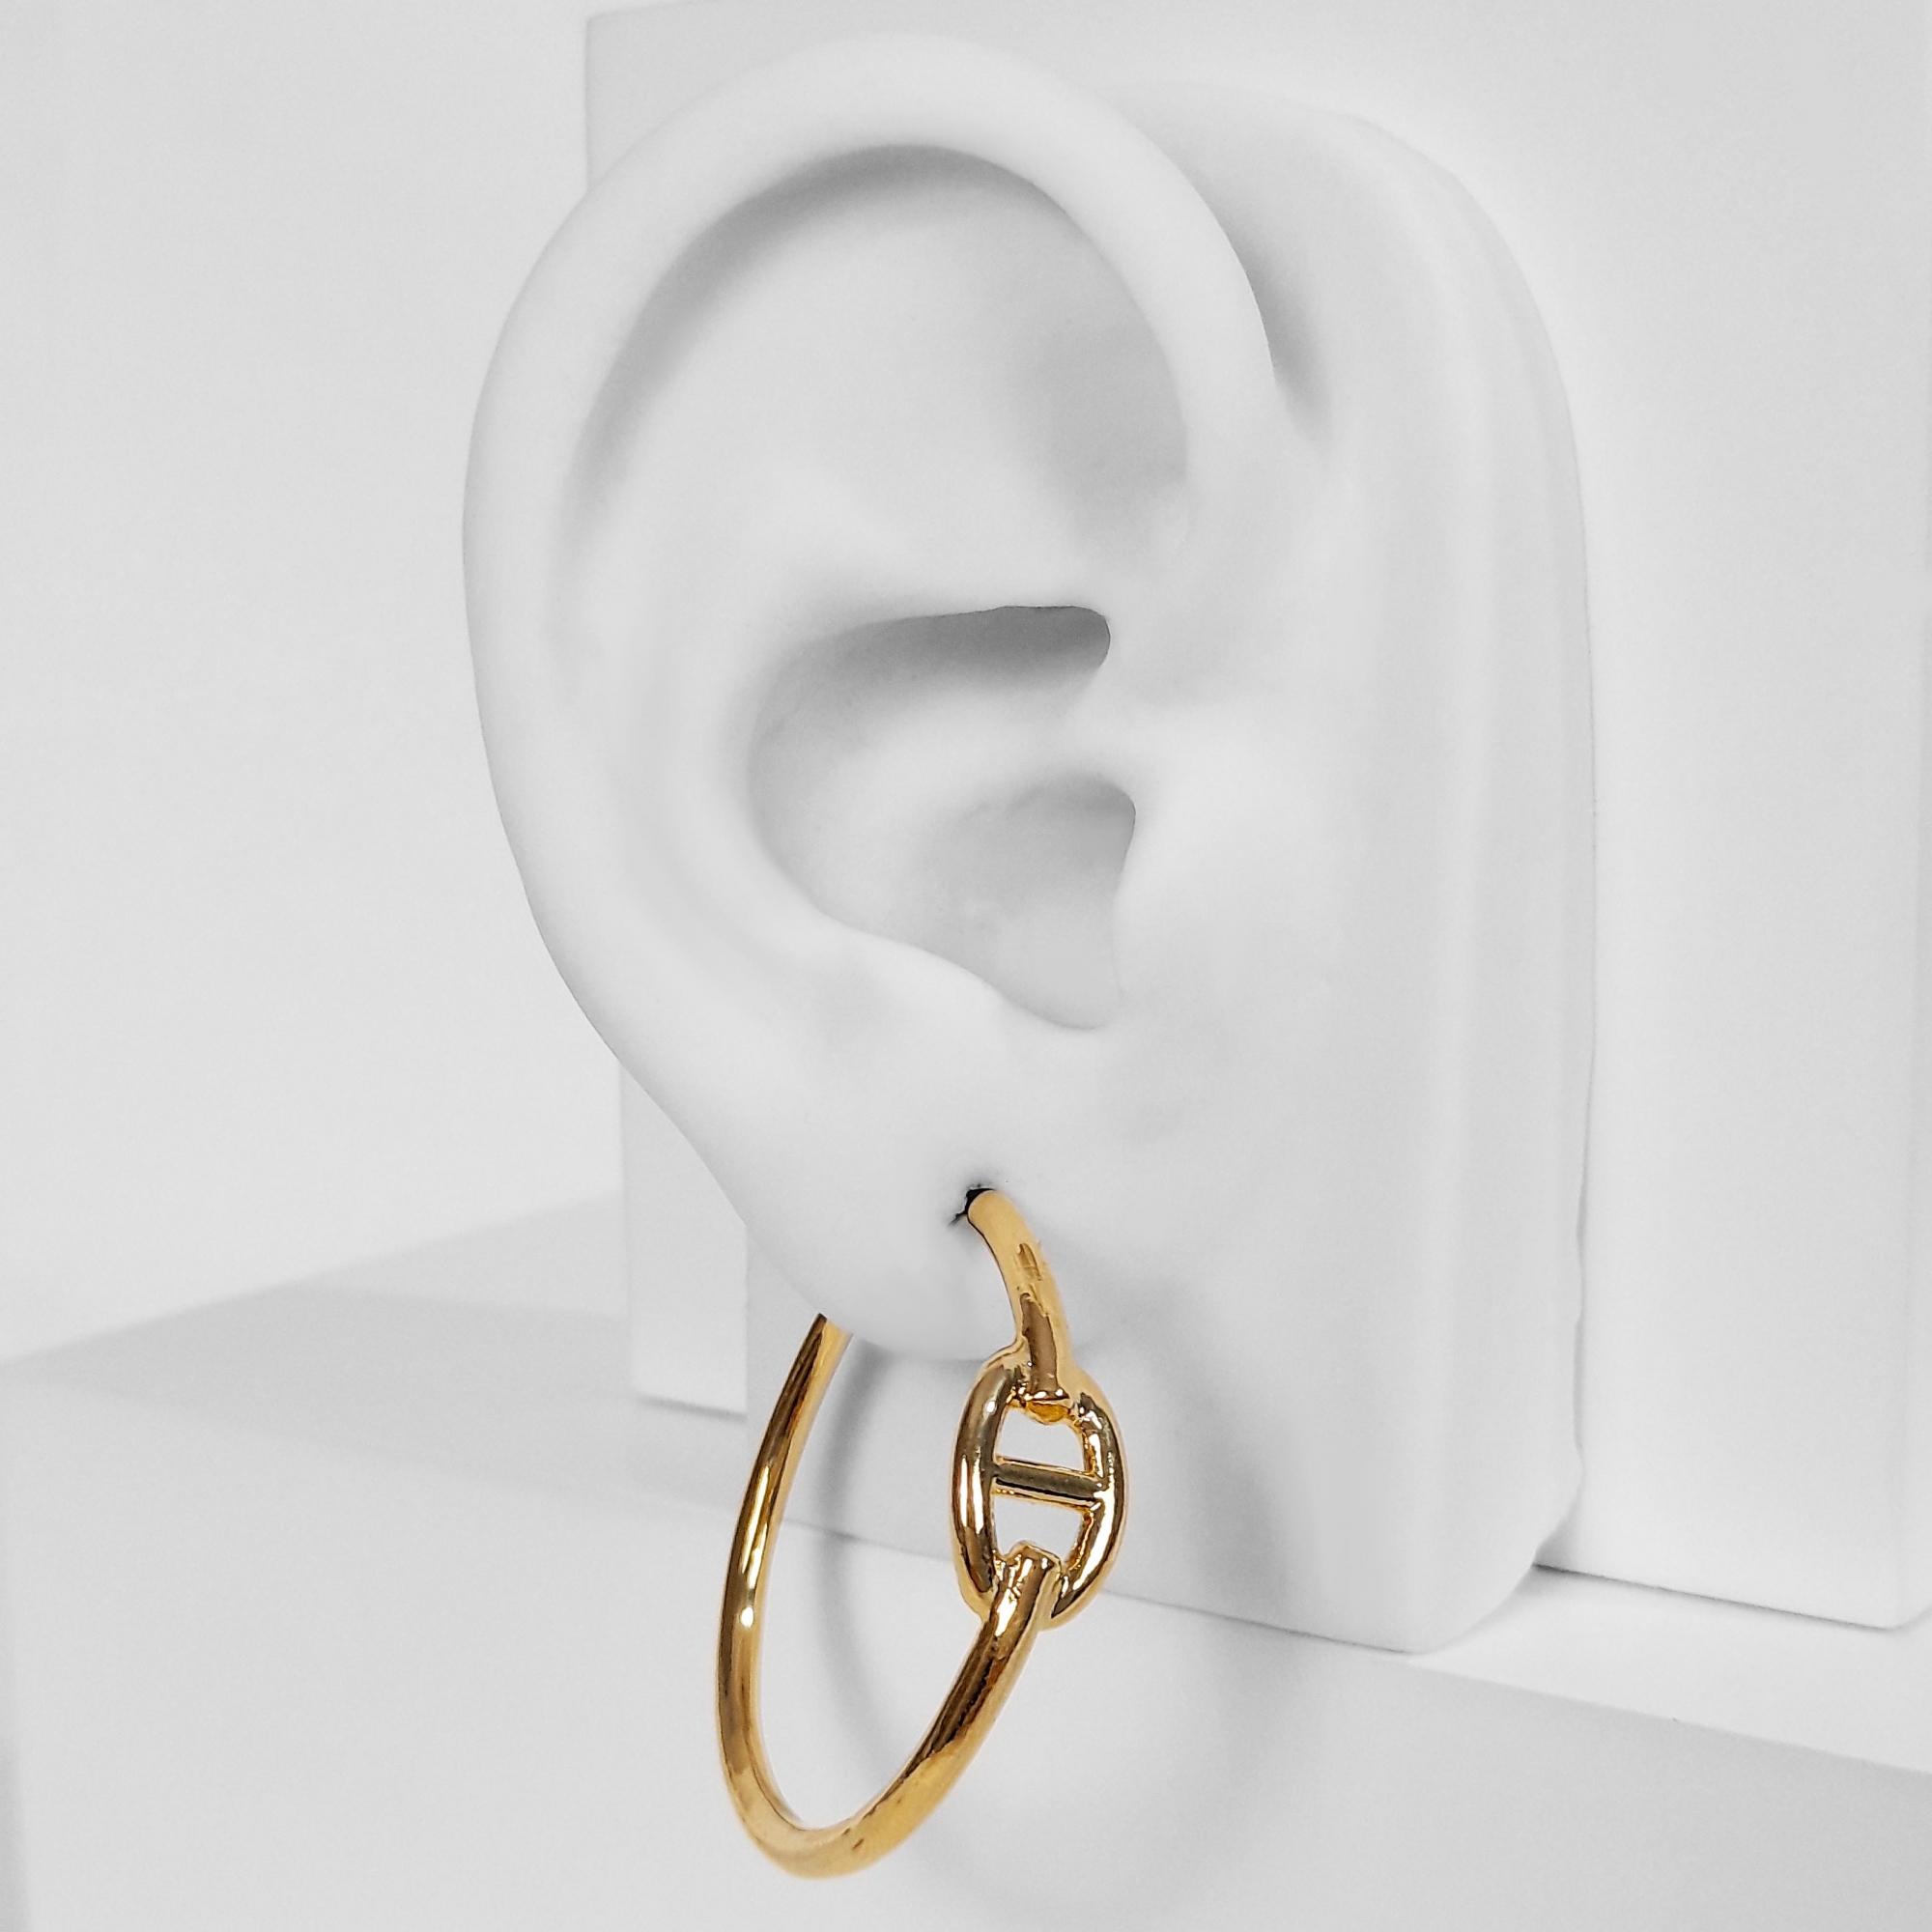 Brinco Argola Detalhe de Elo Piastrine Folheado Ouro 18K  - Lunozê Joias